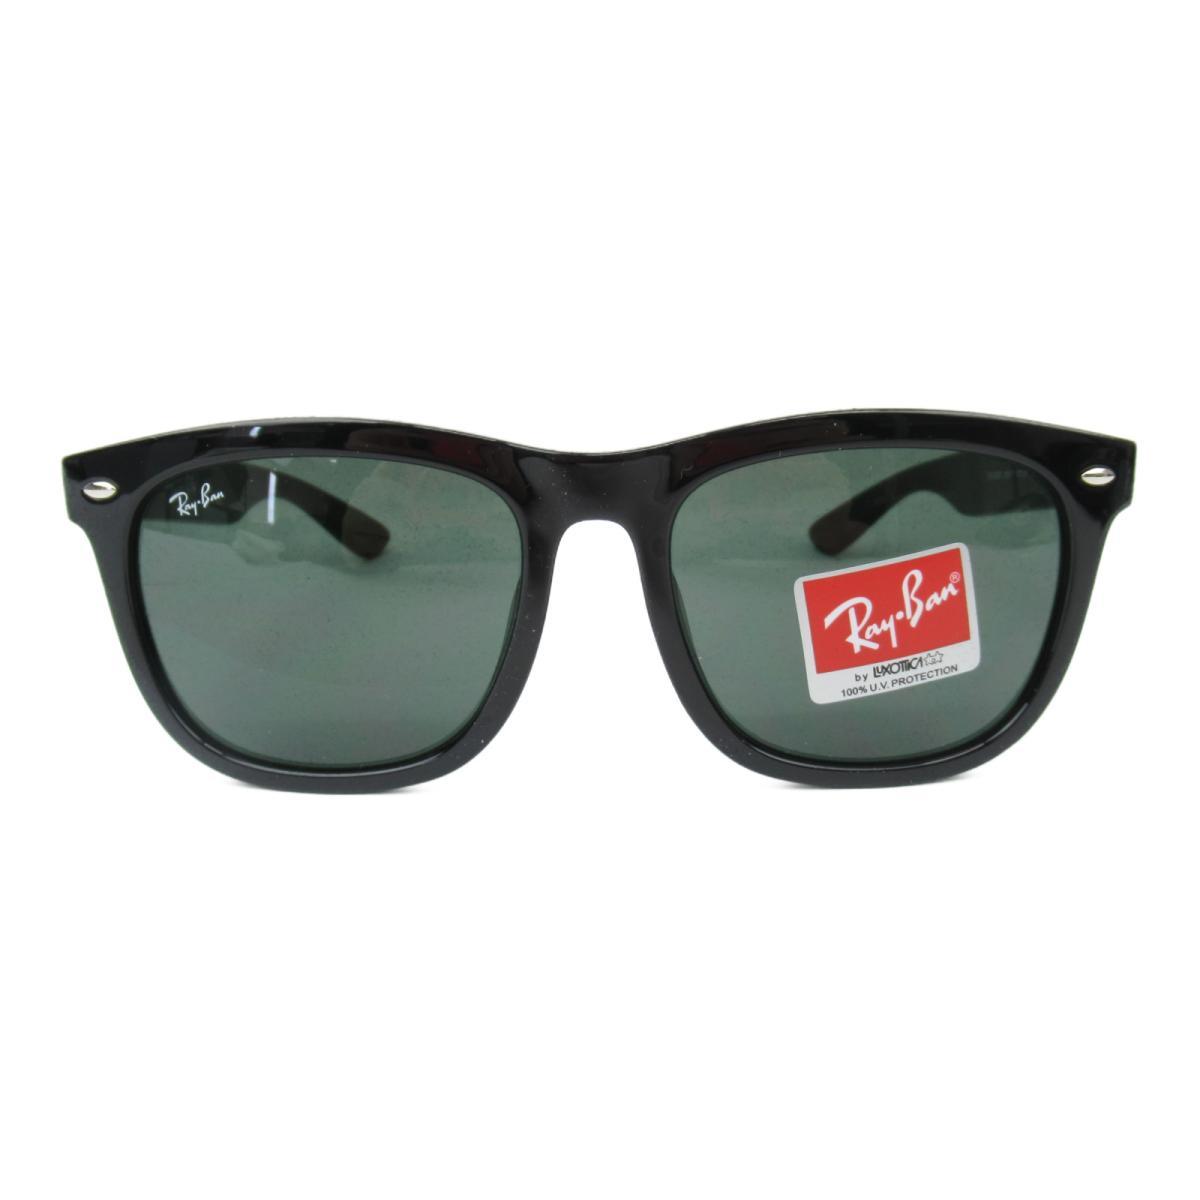 レイバン サングラス ウェリントン メンズ レディース レンズ;プラスチック/フレーム:プラスチック ブラック x グレイグリーン (4260D 601/71 (57)) | Ray Ban BRANDOFF ブランドオフ 眼鏡 メガネ めがね